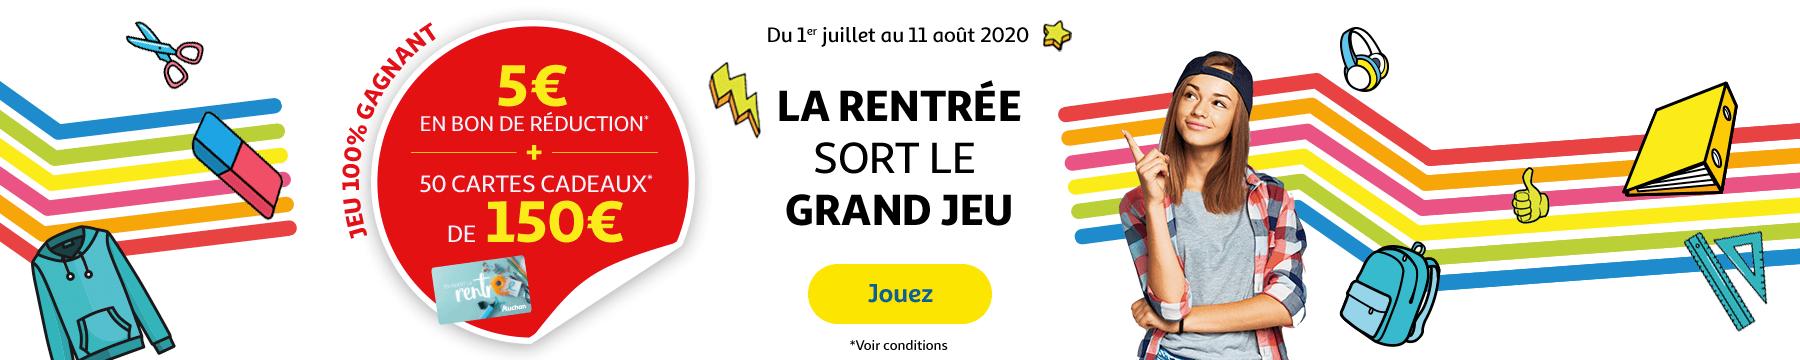 Auchantraiteur.fr et Mix Buffet : Tentez de gagner une des 200 cartes cadeaux de 50€